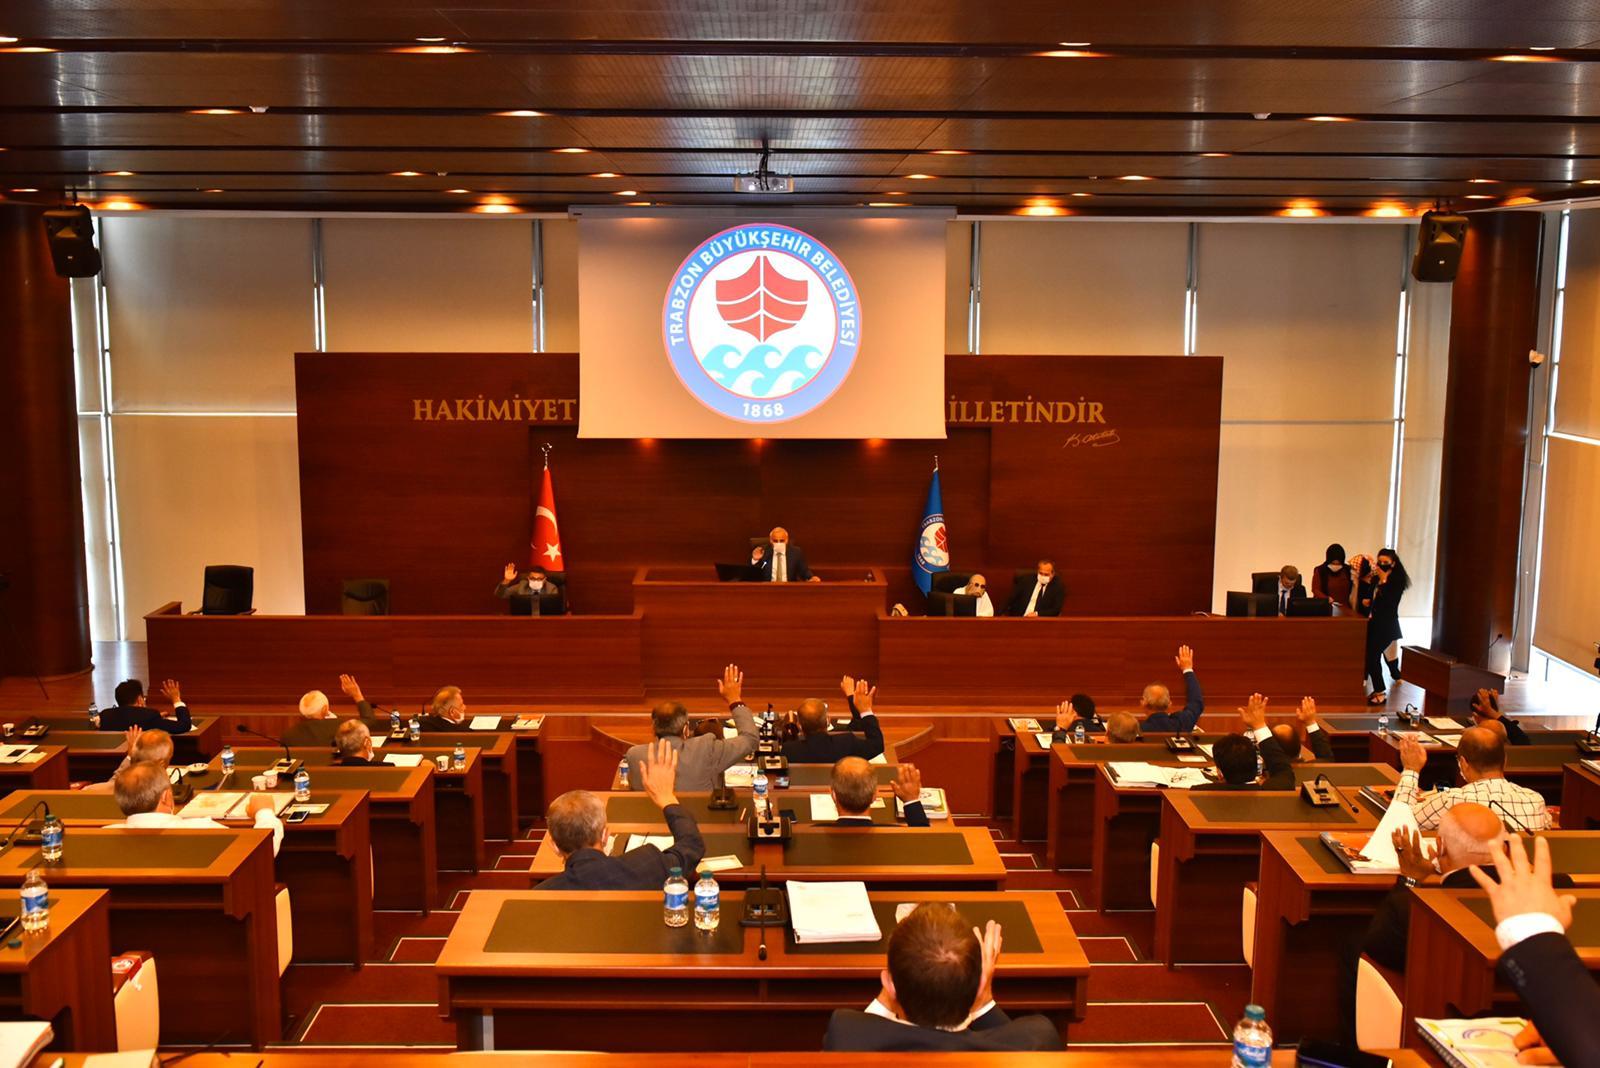 Büyükşehir Belediyesi Haziran Ayı İlk Toplantısı Yapıldı